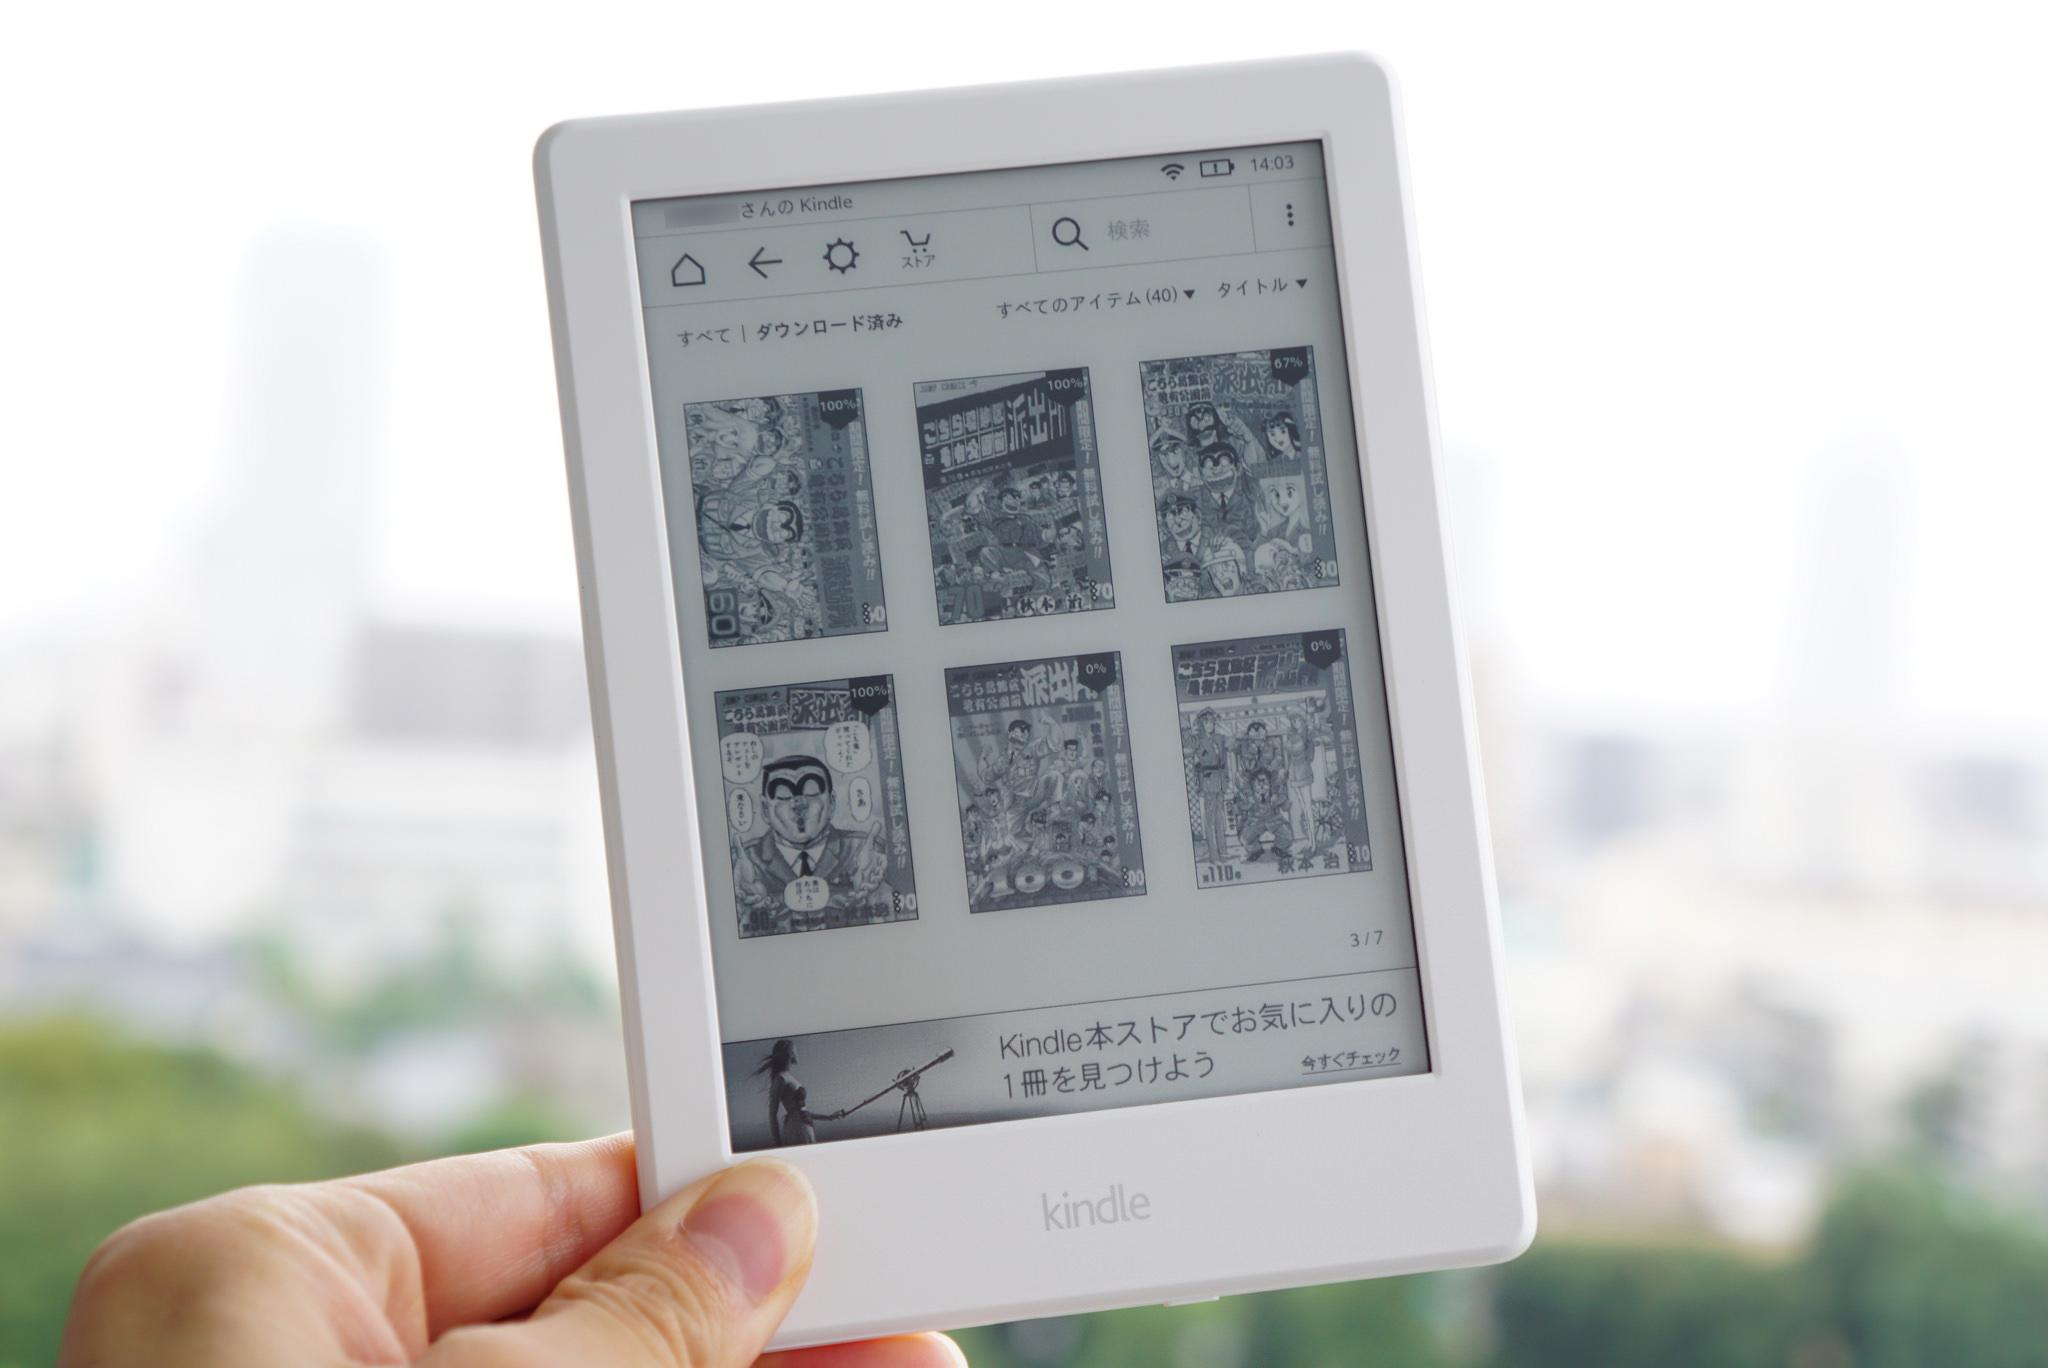 電子書籍リーダー「Kindle」が過去最安値に〜Amazonタイムセール祭りで